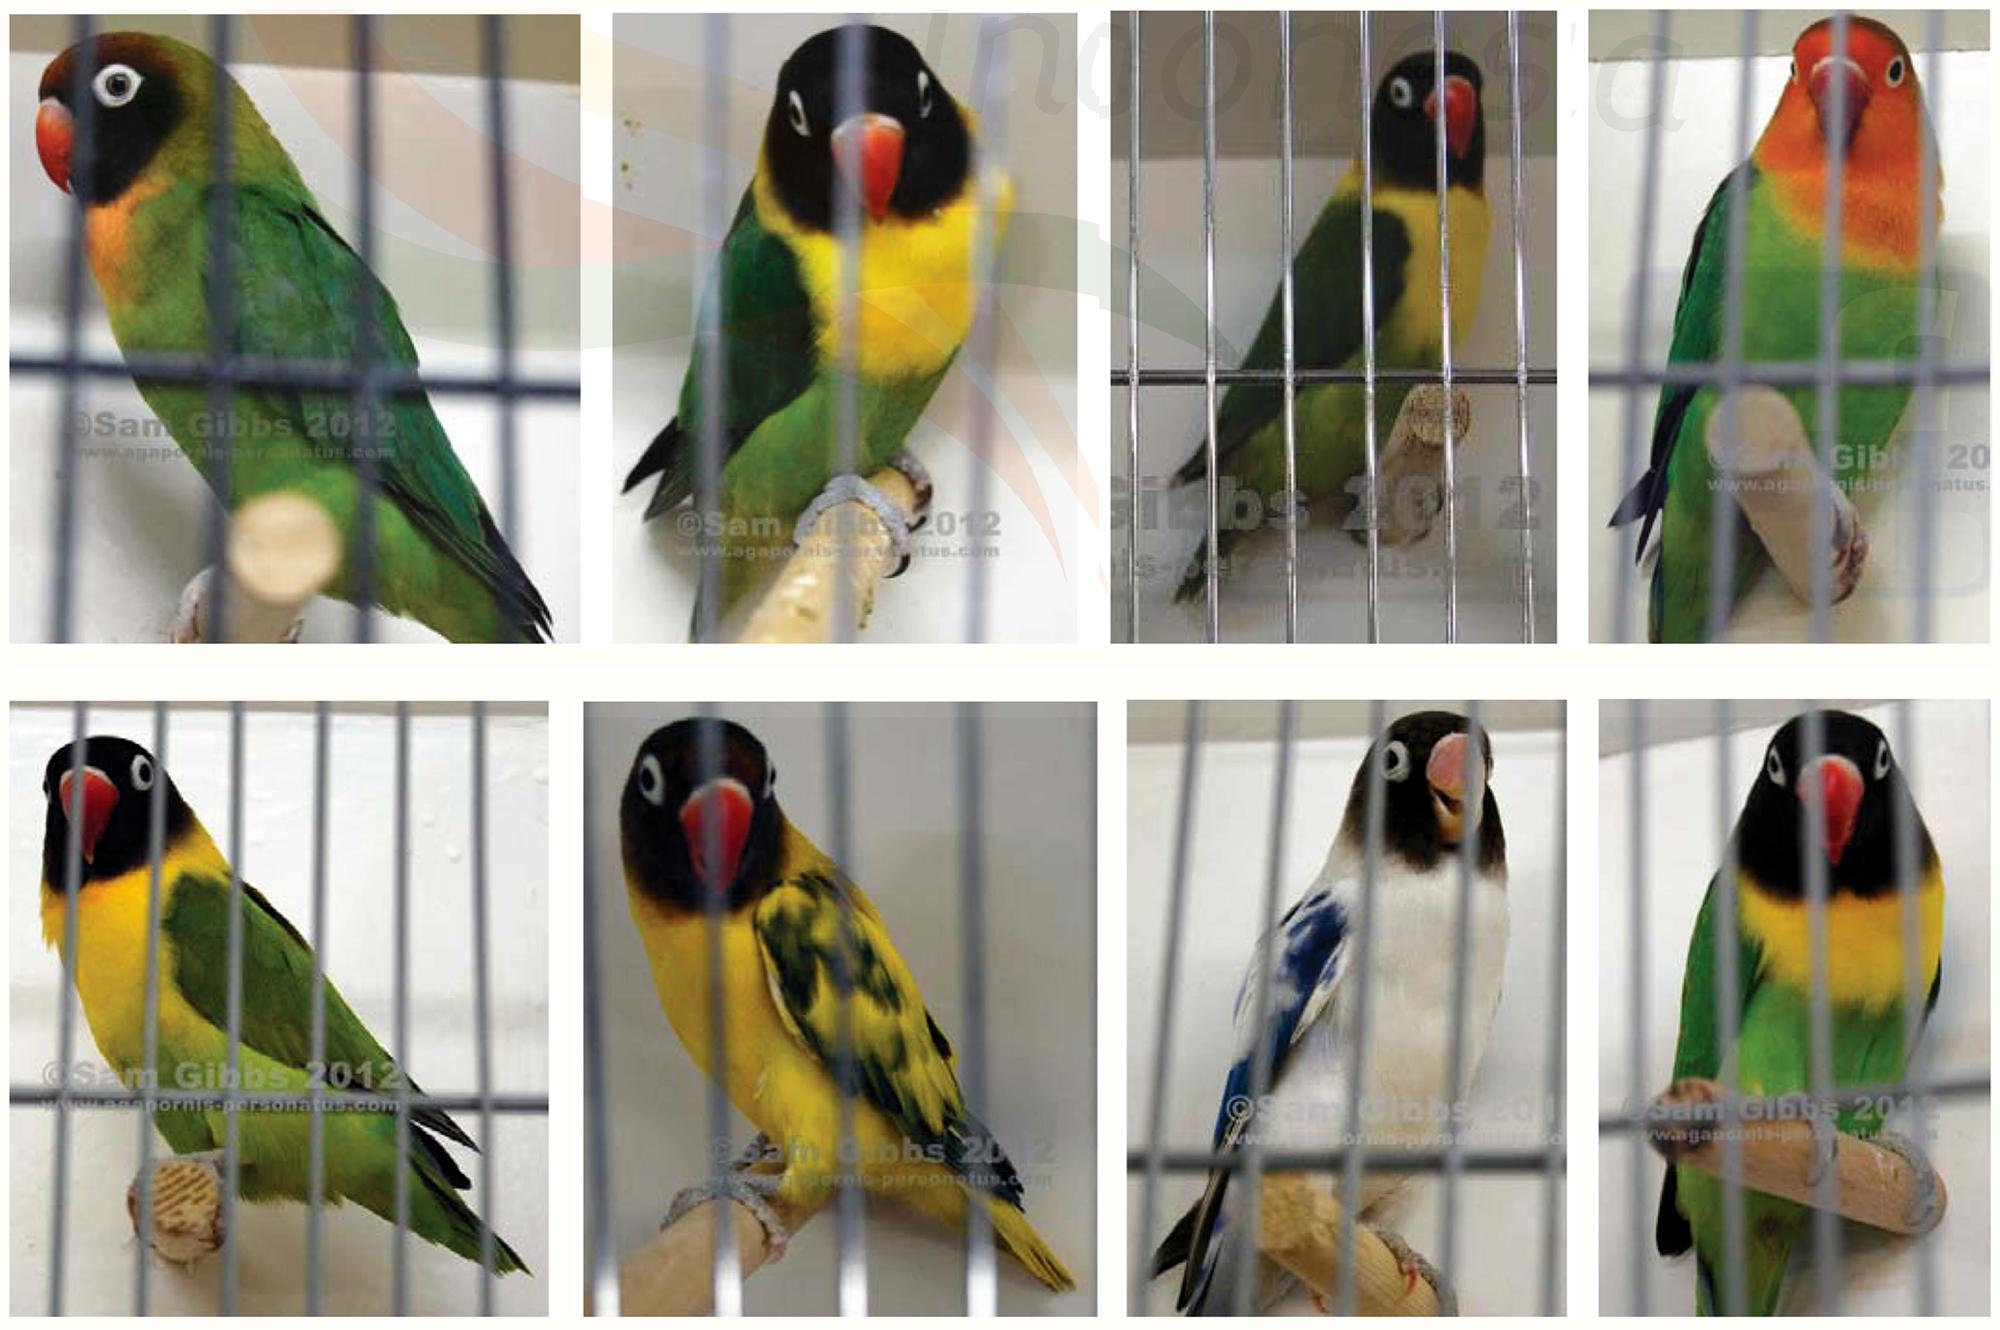 Juara dan nominasi kecantikan lovebird BVA 2012